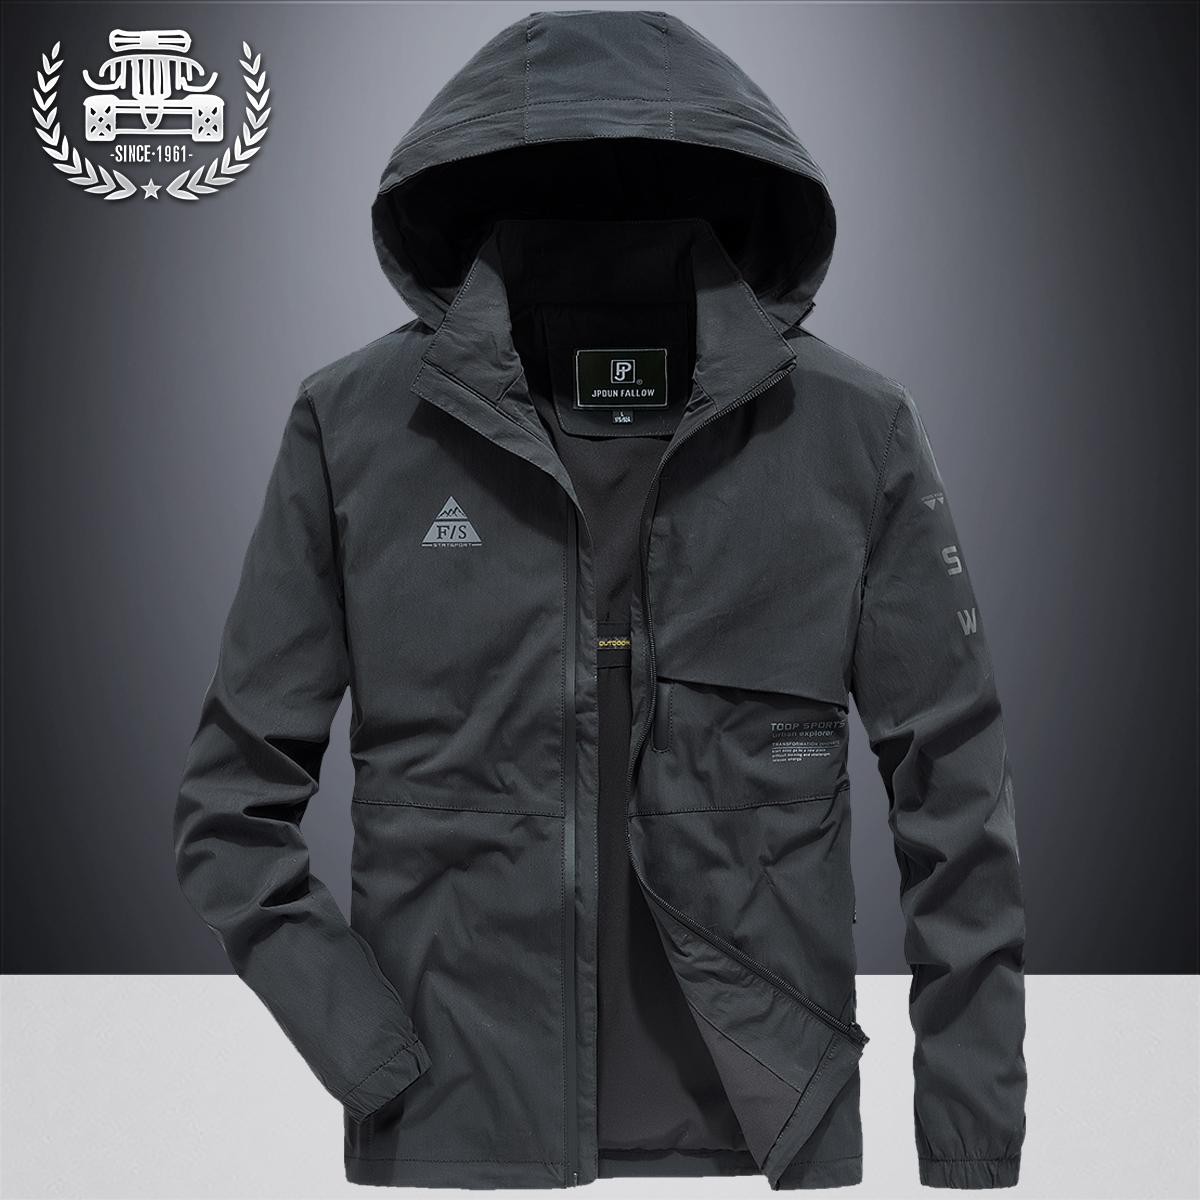 2020 áo khoác phong cách mới áo khoác nam mùa xuân và mùa thu xu hướng dụng cụ áo khoác bóng chày đồng phục thể thao áo khoác mùa thu lỏng - Đồng phục bóng chày